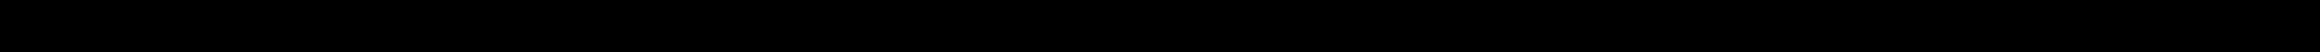 MAHLE ORIGINAL 13400PH1004, 15400611003, 15400679023, 15400-P0H-305, 15400-PC6-003 Oil Filter